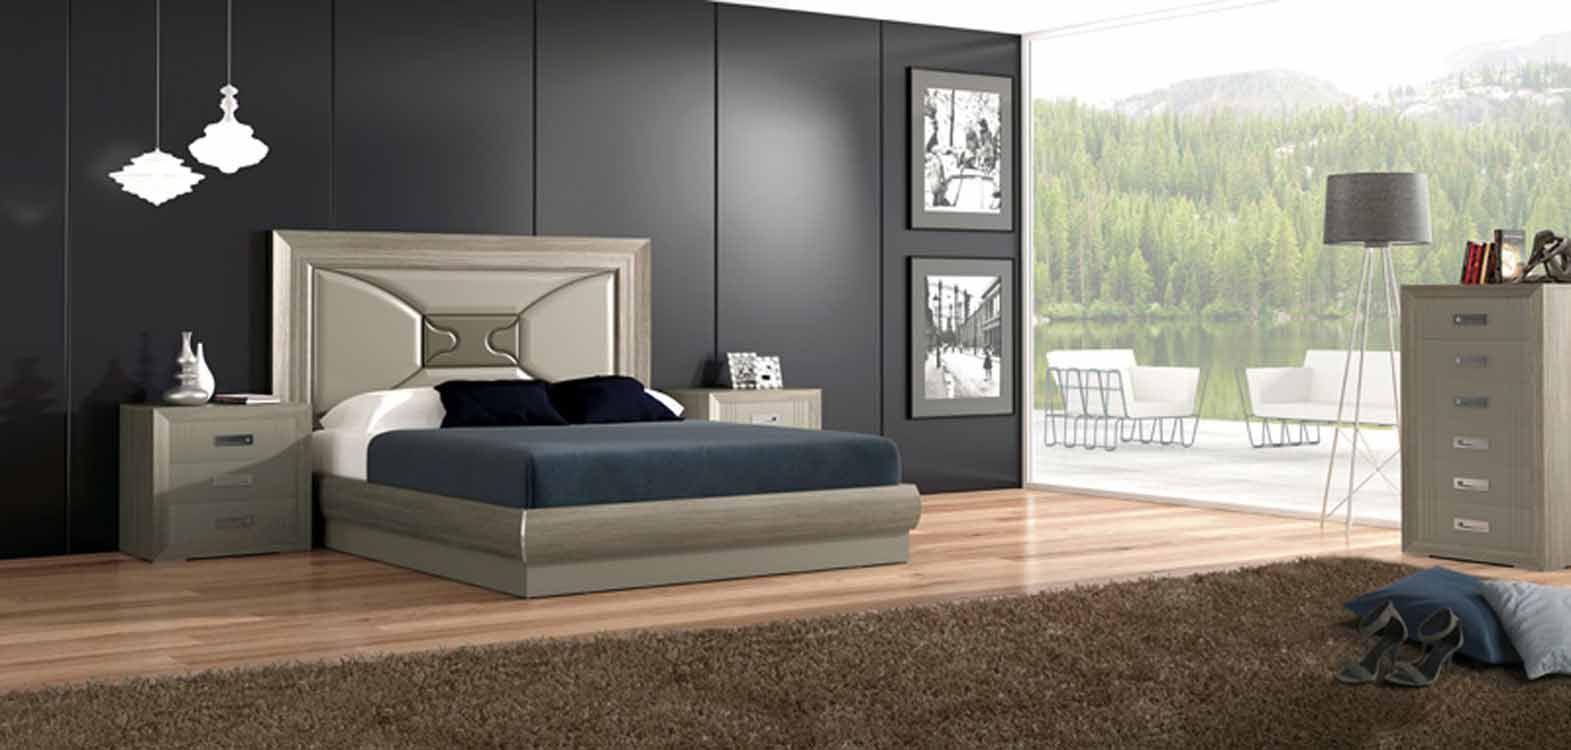 muebles muñoz – para comprar muebles de dormitorio modernos